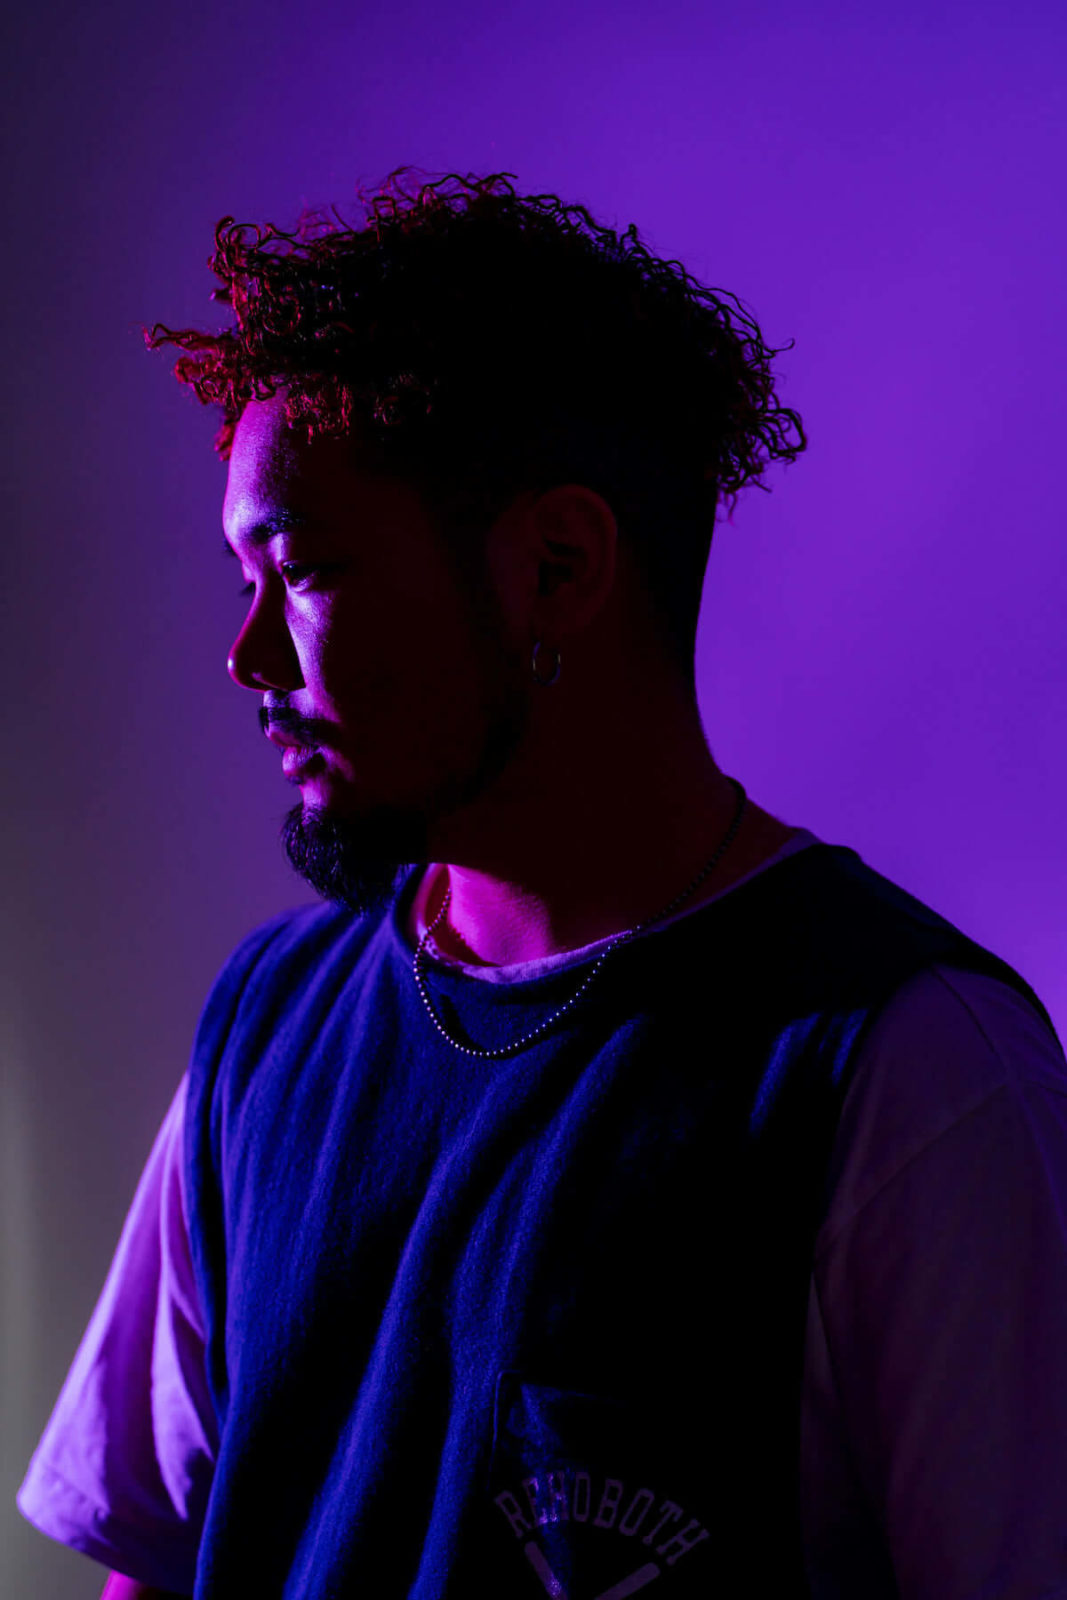 illmore、キャリア初となるソウル&ジャズのコンピレーション作品を発表サムネイル画像!